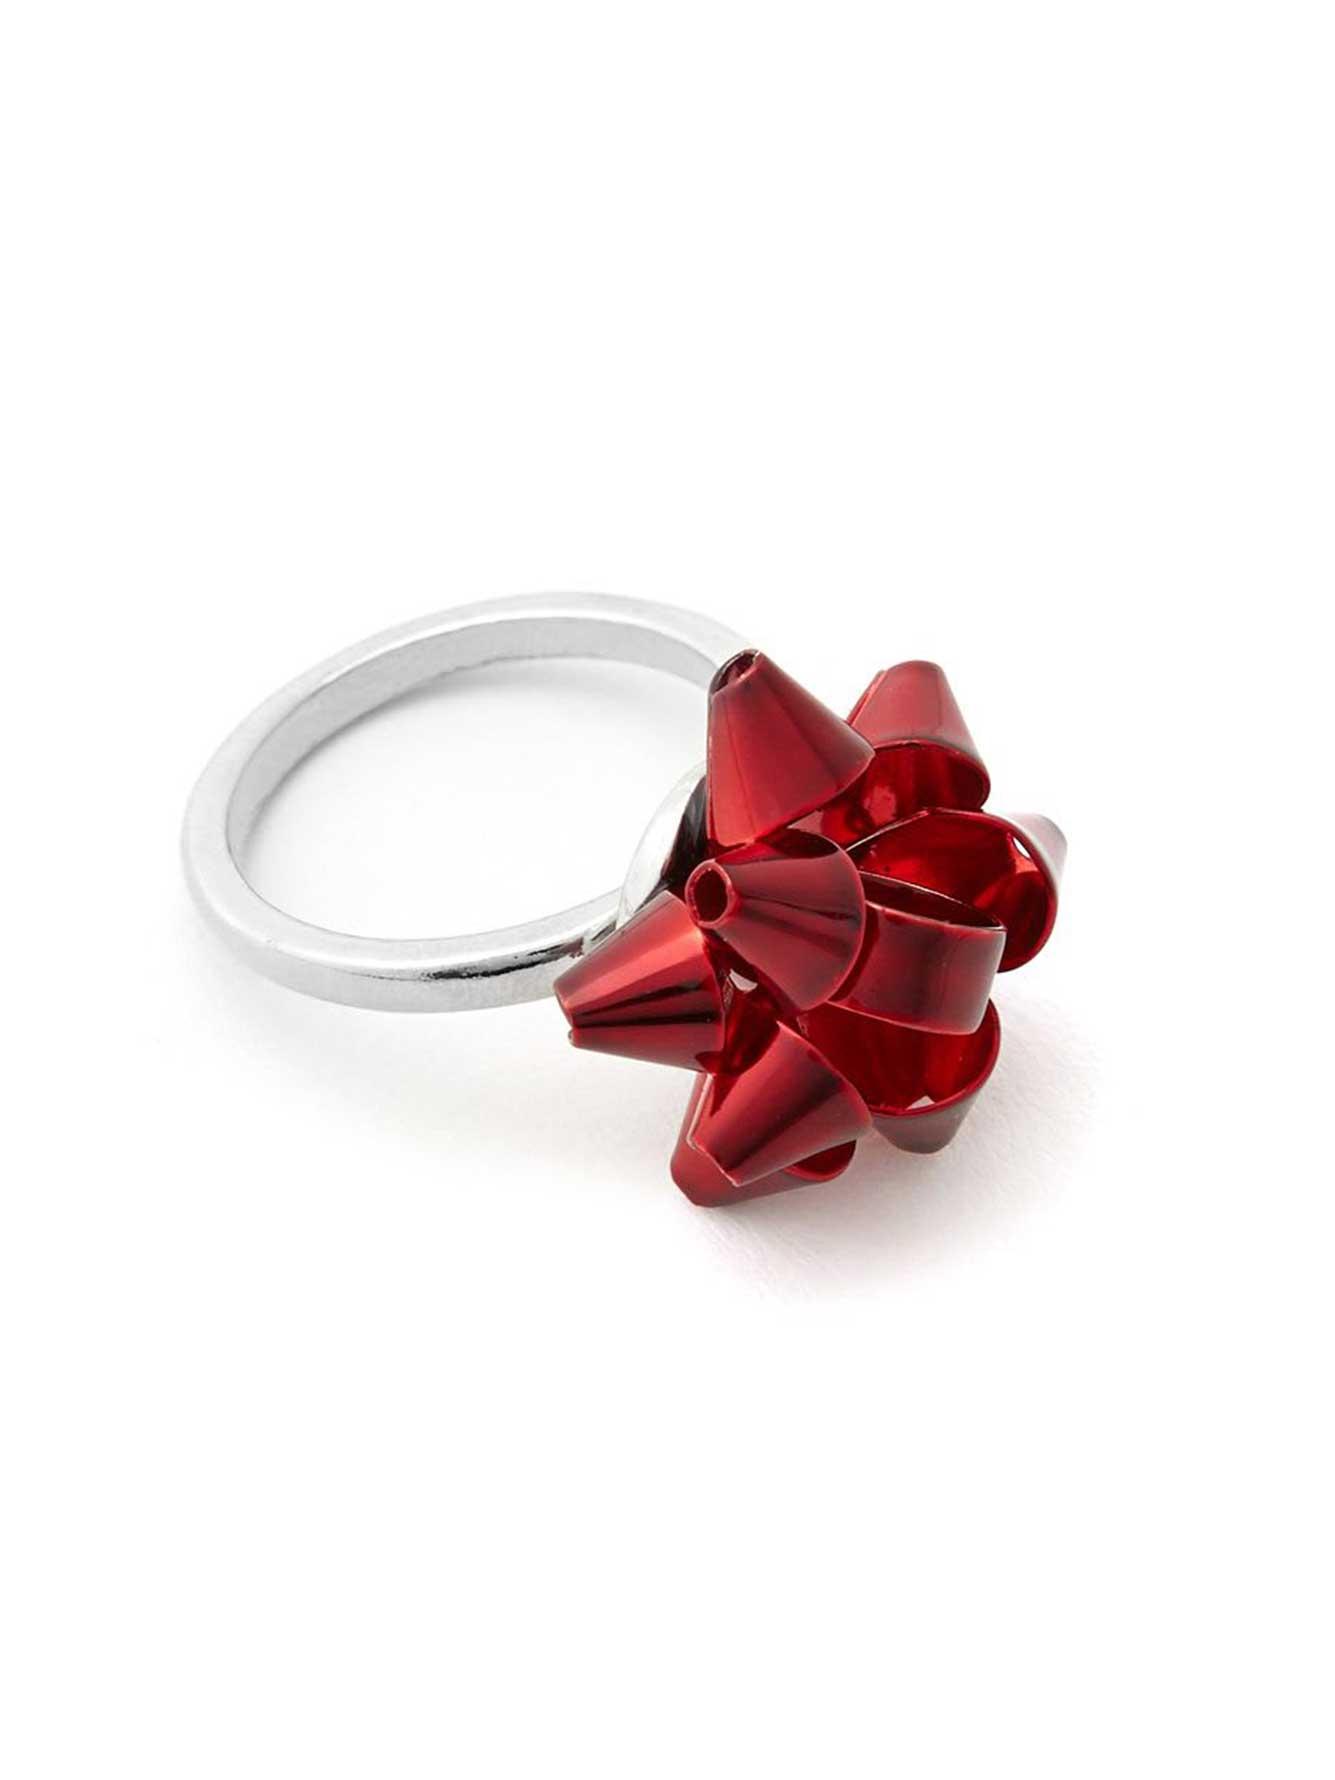 Ring Bow Il Gioiello Personalizzabile Con La Tua Nailart: Holiday Bow Ring